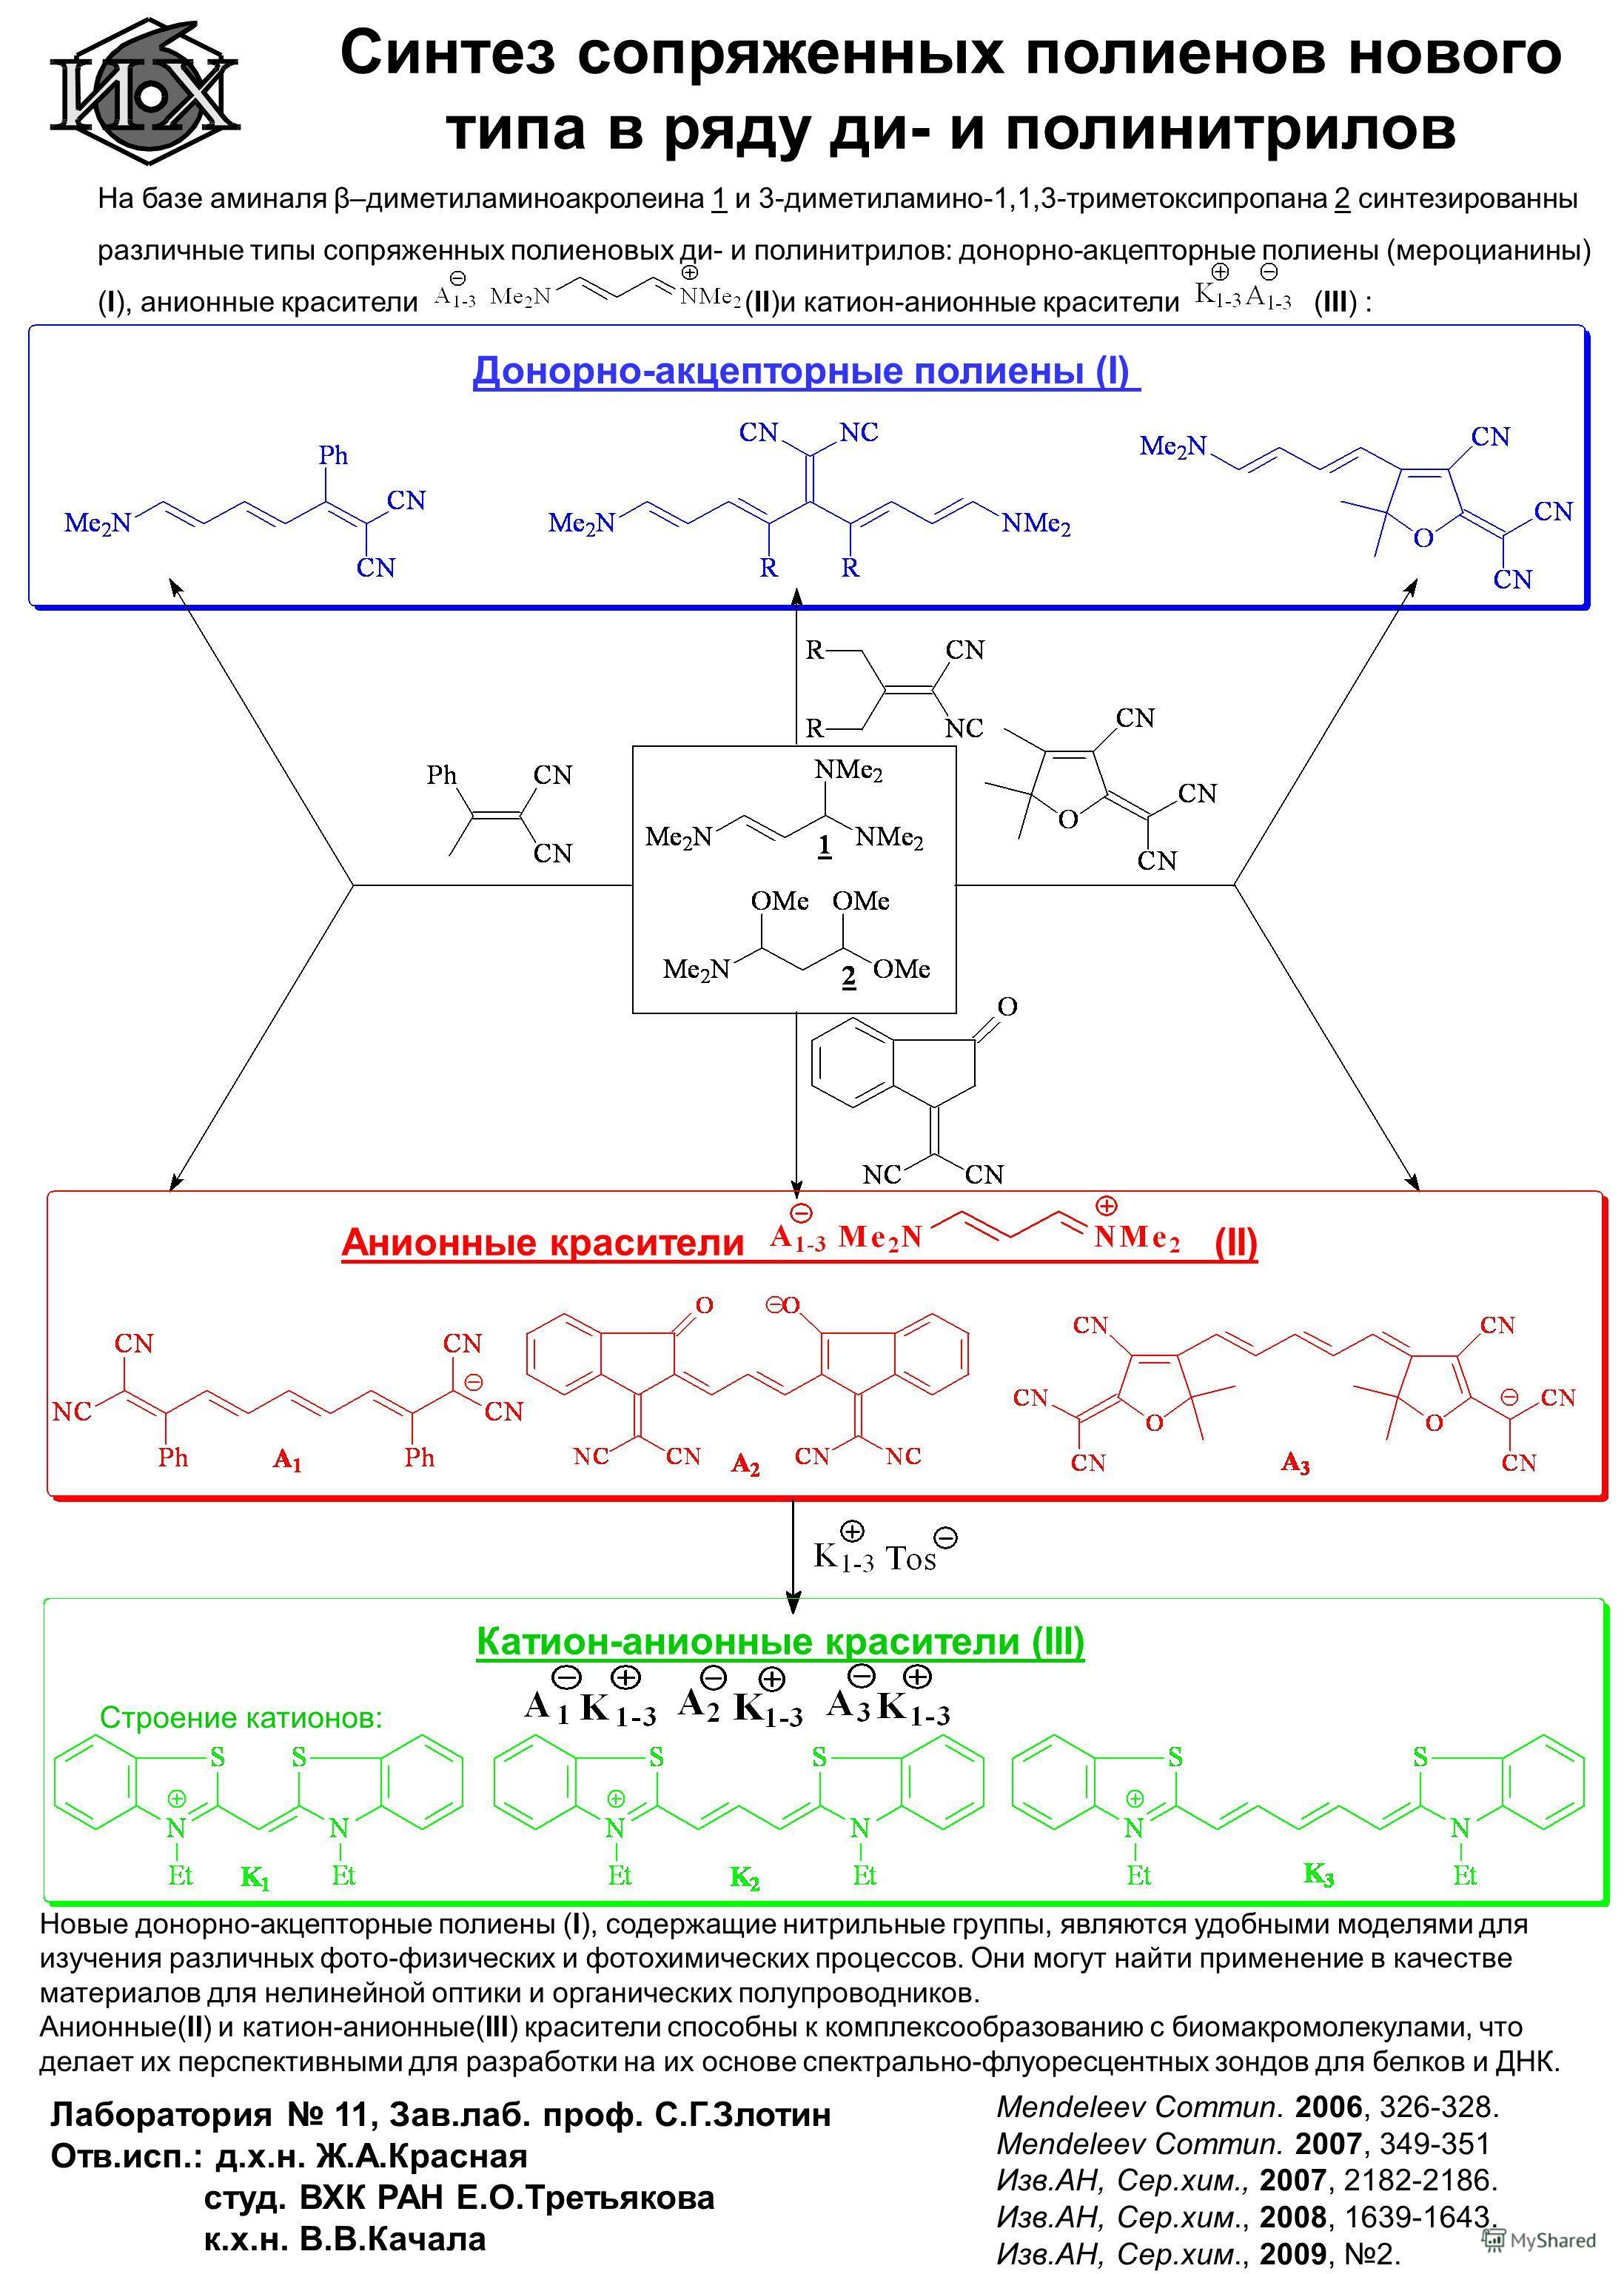 Синтез сопряженных полиенов нового типа в ряду ди- и полинитрилов Донорно-акцепторные полиены (I) Анионные красители (II) Катион-анионные красители (III) Строение катионов: На базе аминаля β–диметиламиноакролеина 1 и 3-диметиламино-1,1,3-триметоксипр